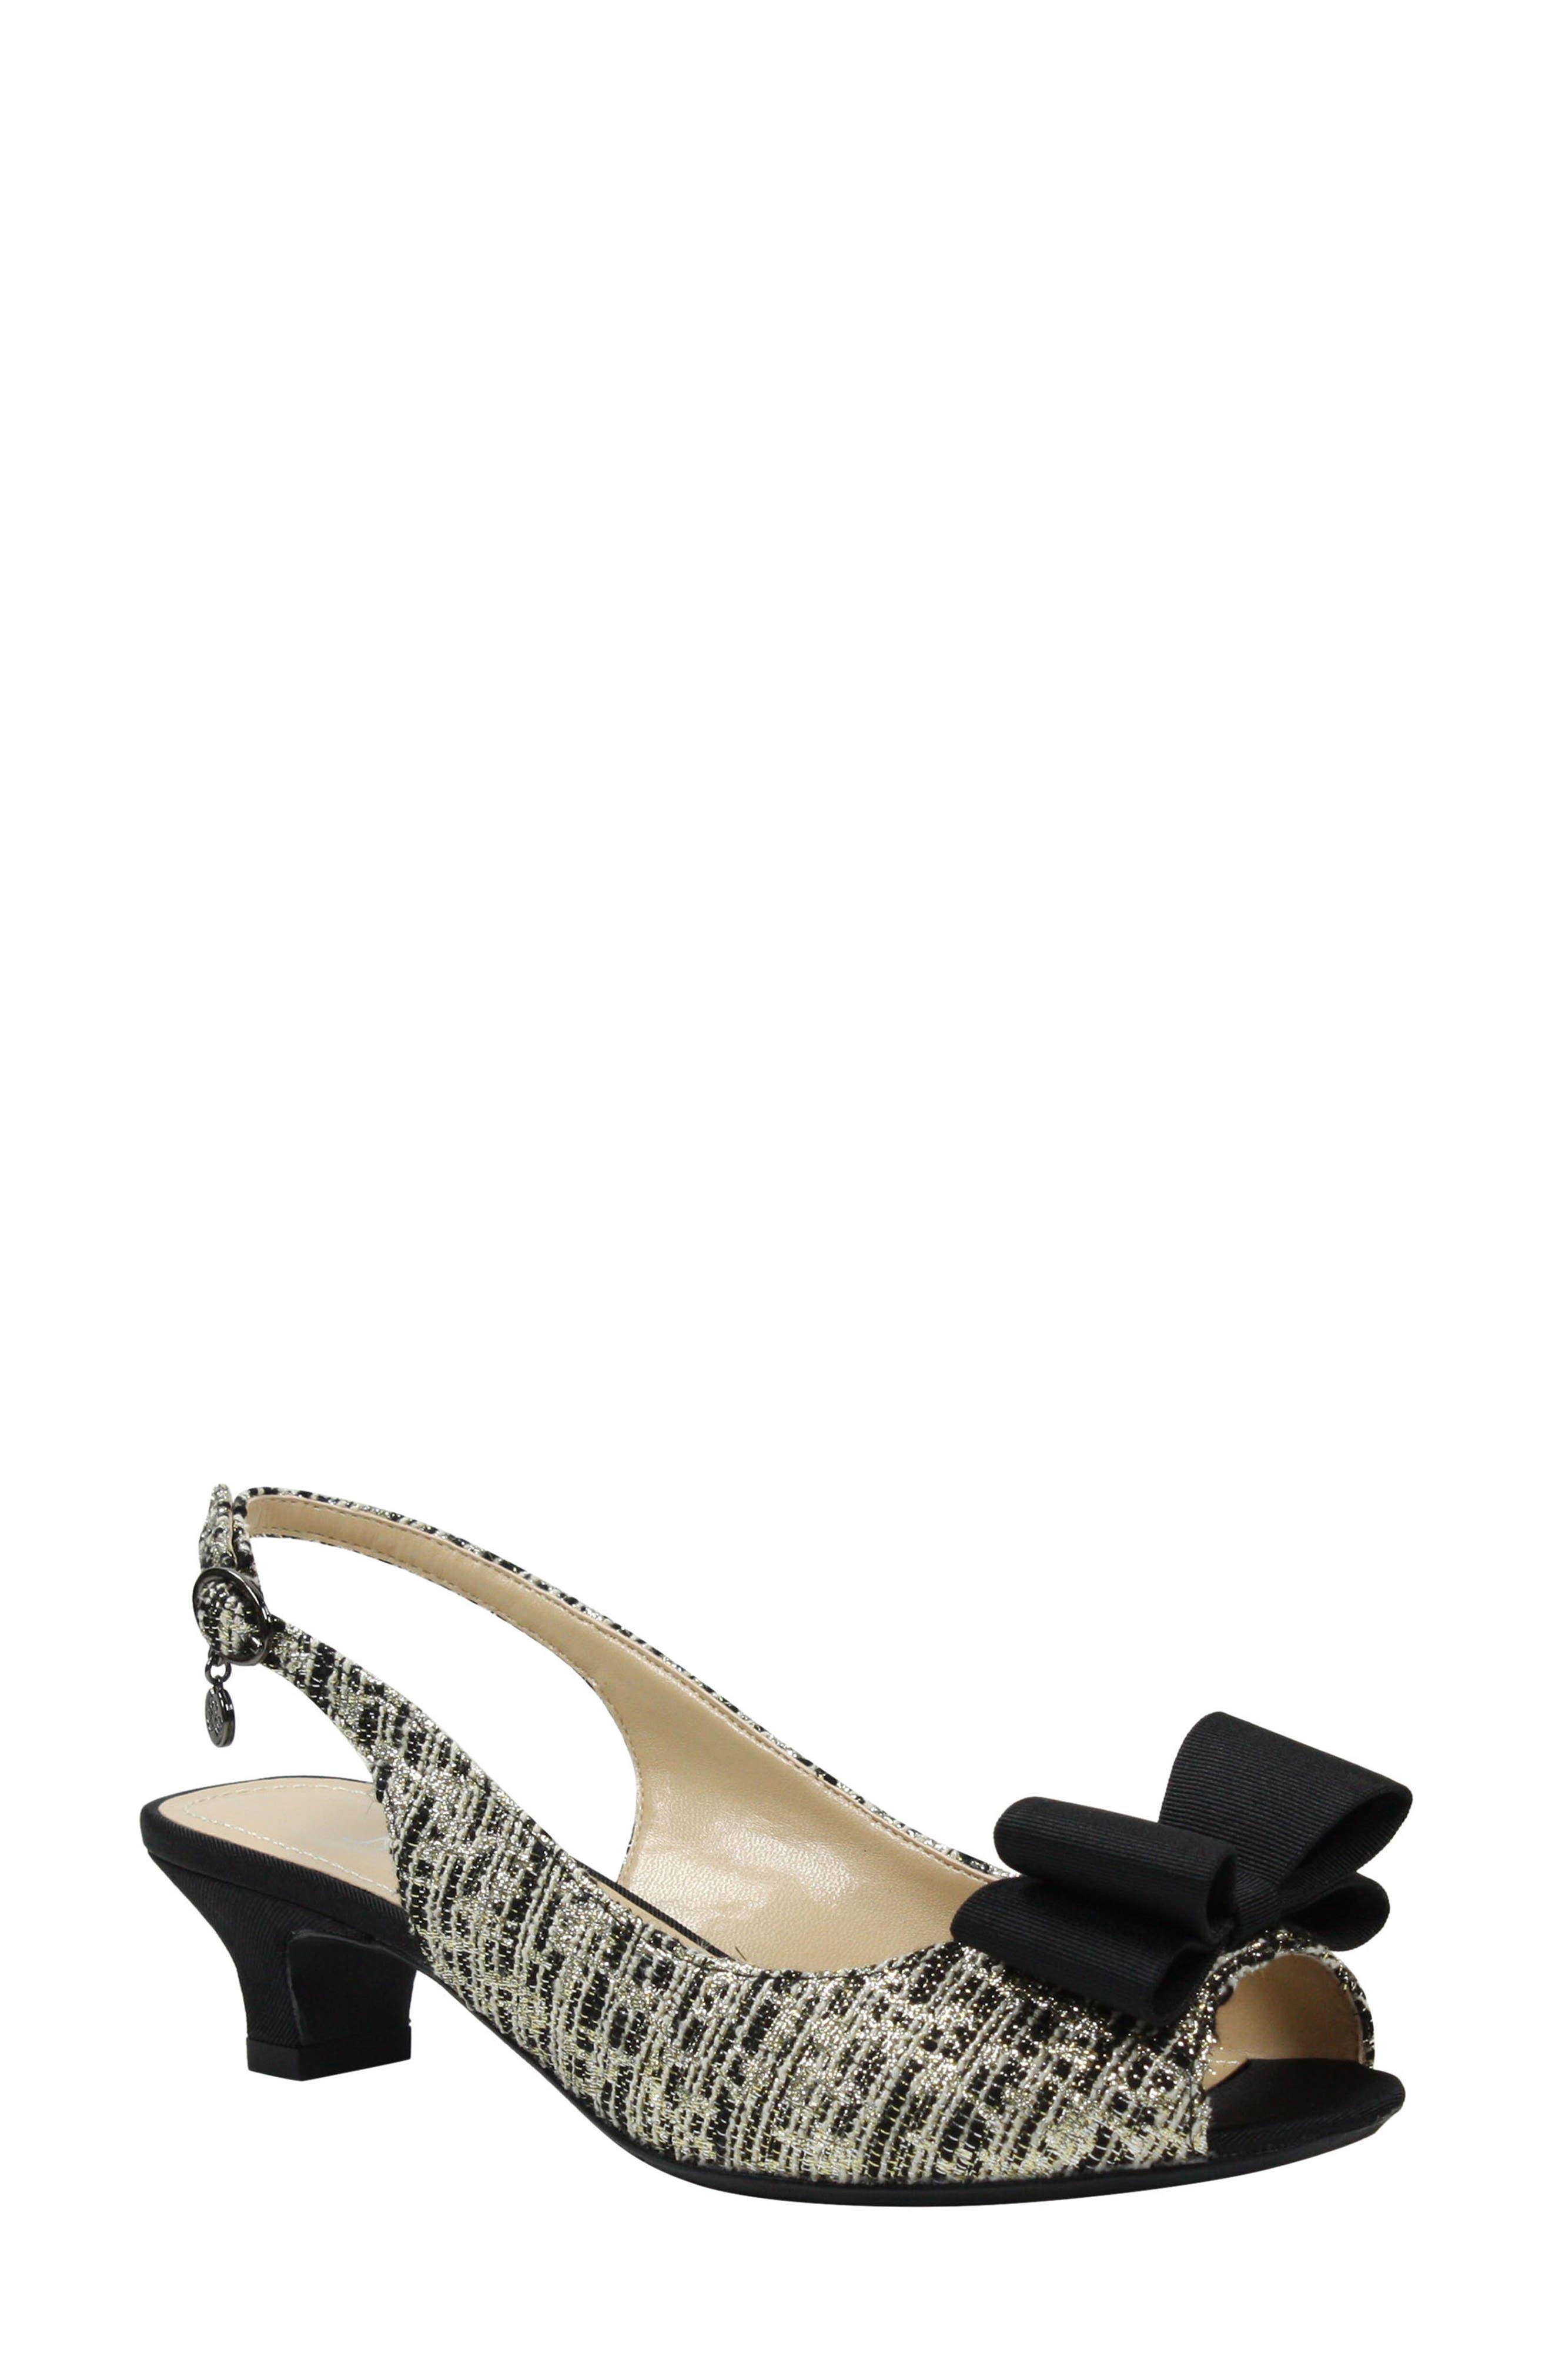 J. Renee Landan Bow Slingback Sandal B - Black